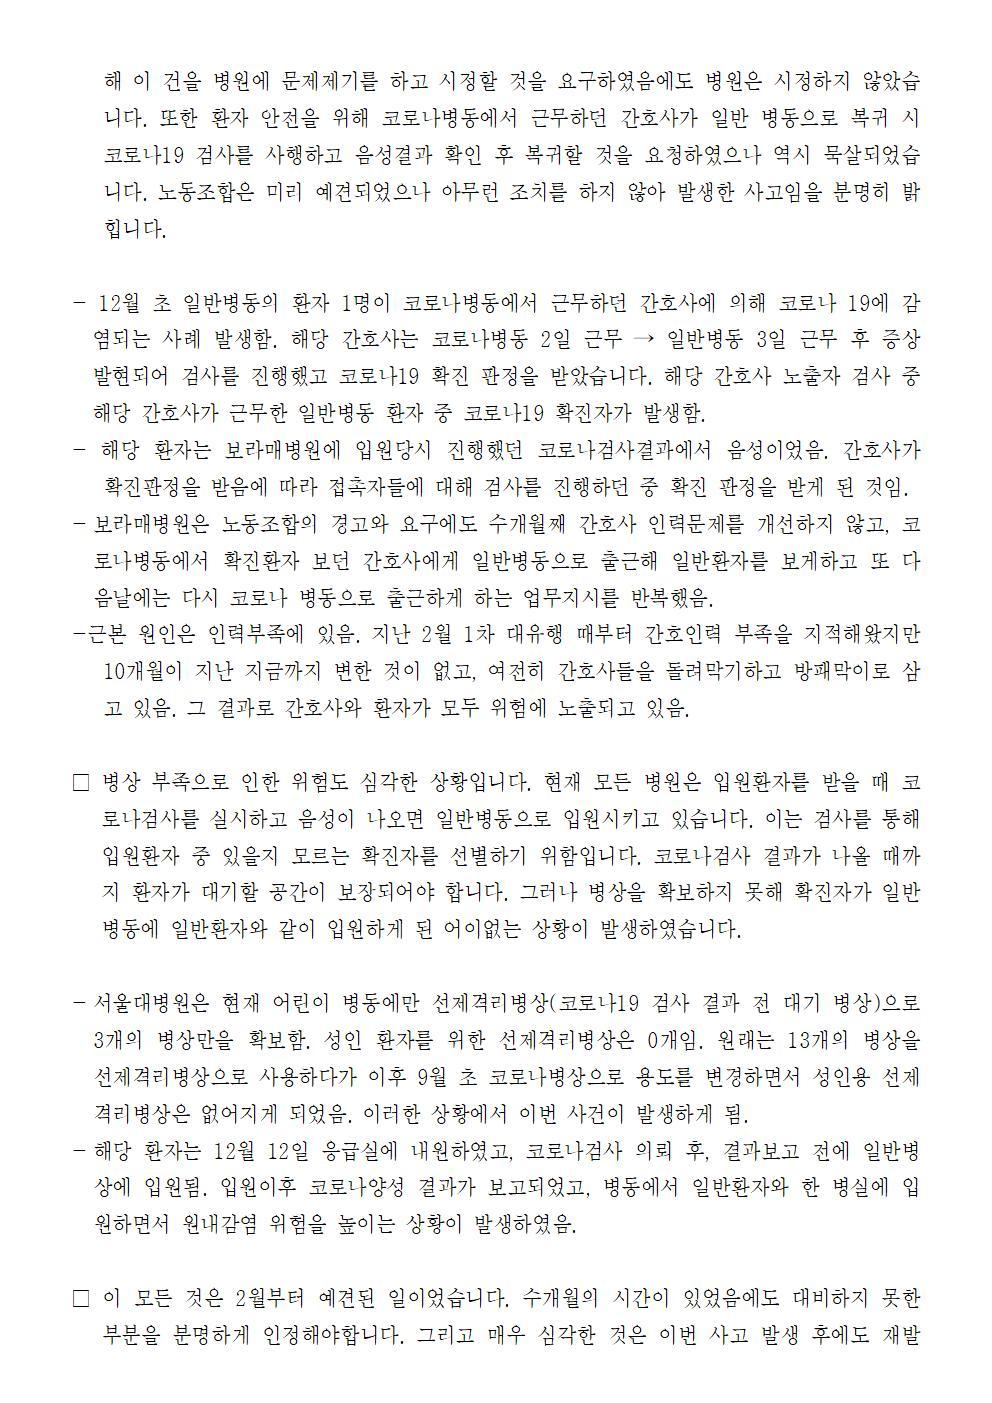 201216_보도자료_위험천만한_서울대병원,_보라매병원_예견된_사고_발생002.jpg